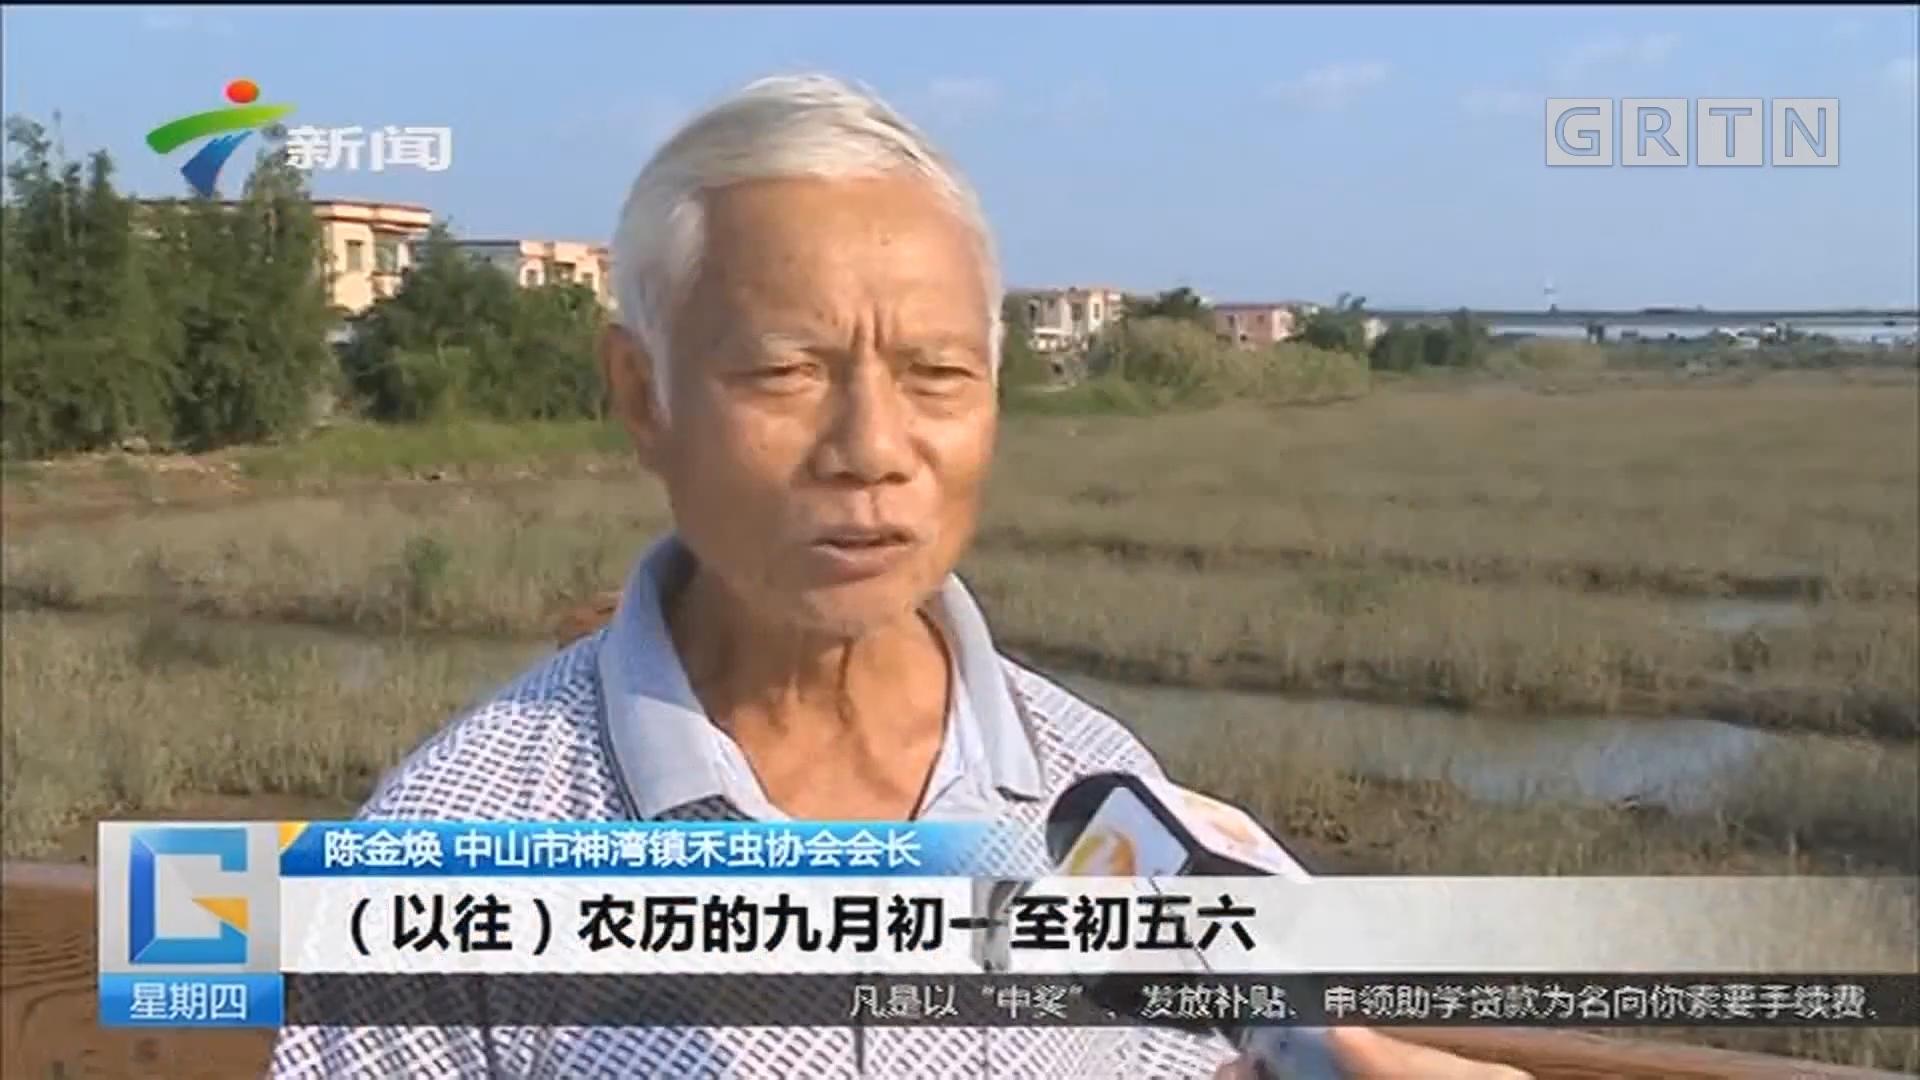 中山:神湾禾虫今年减产?